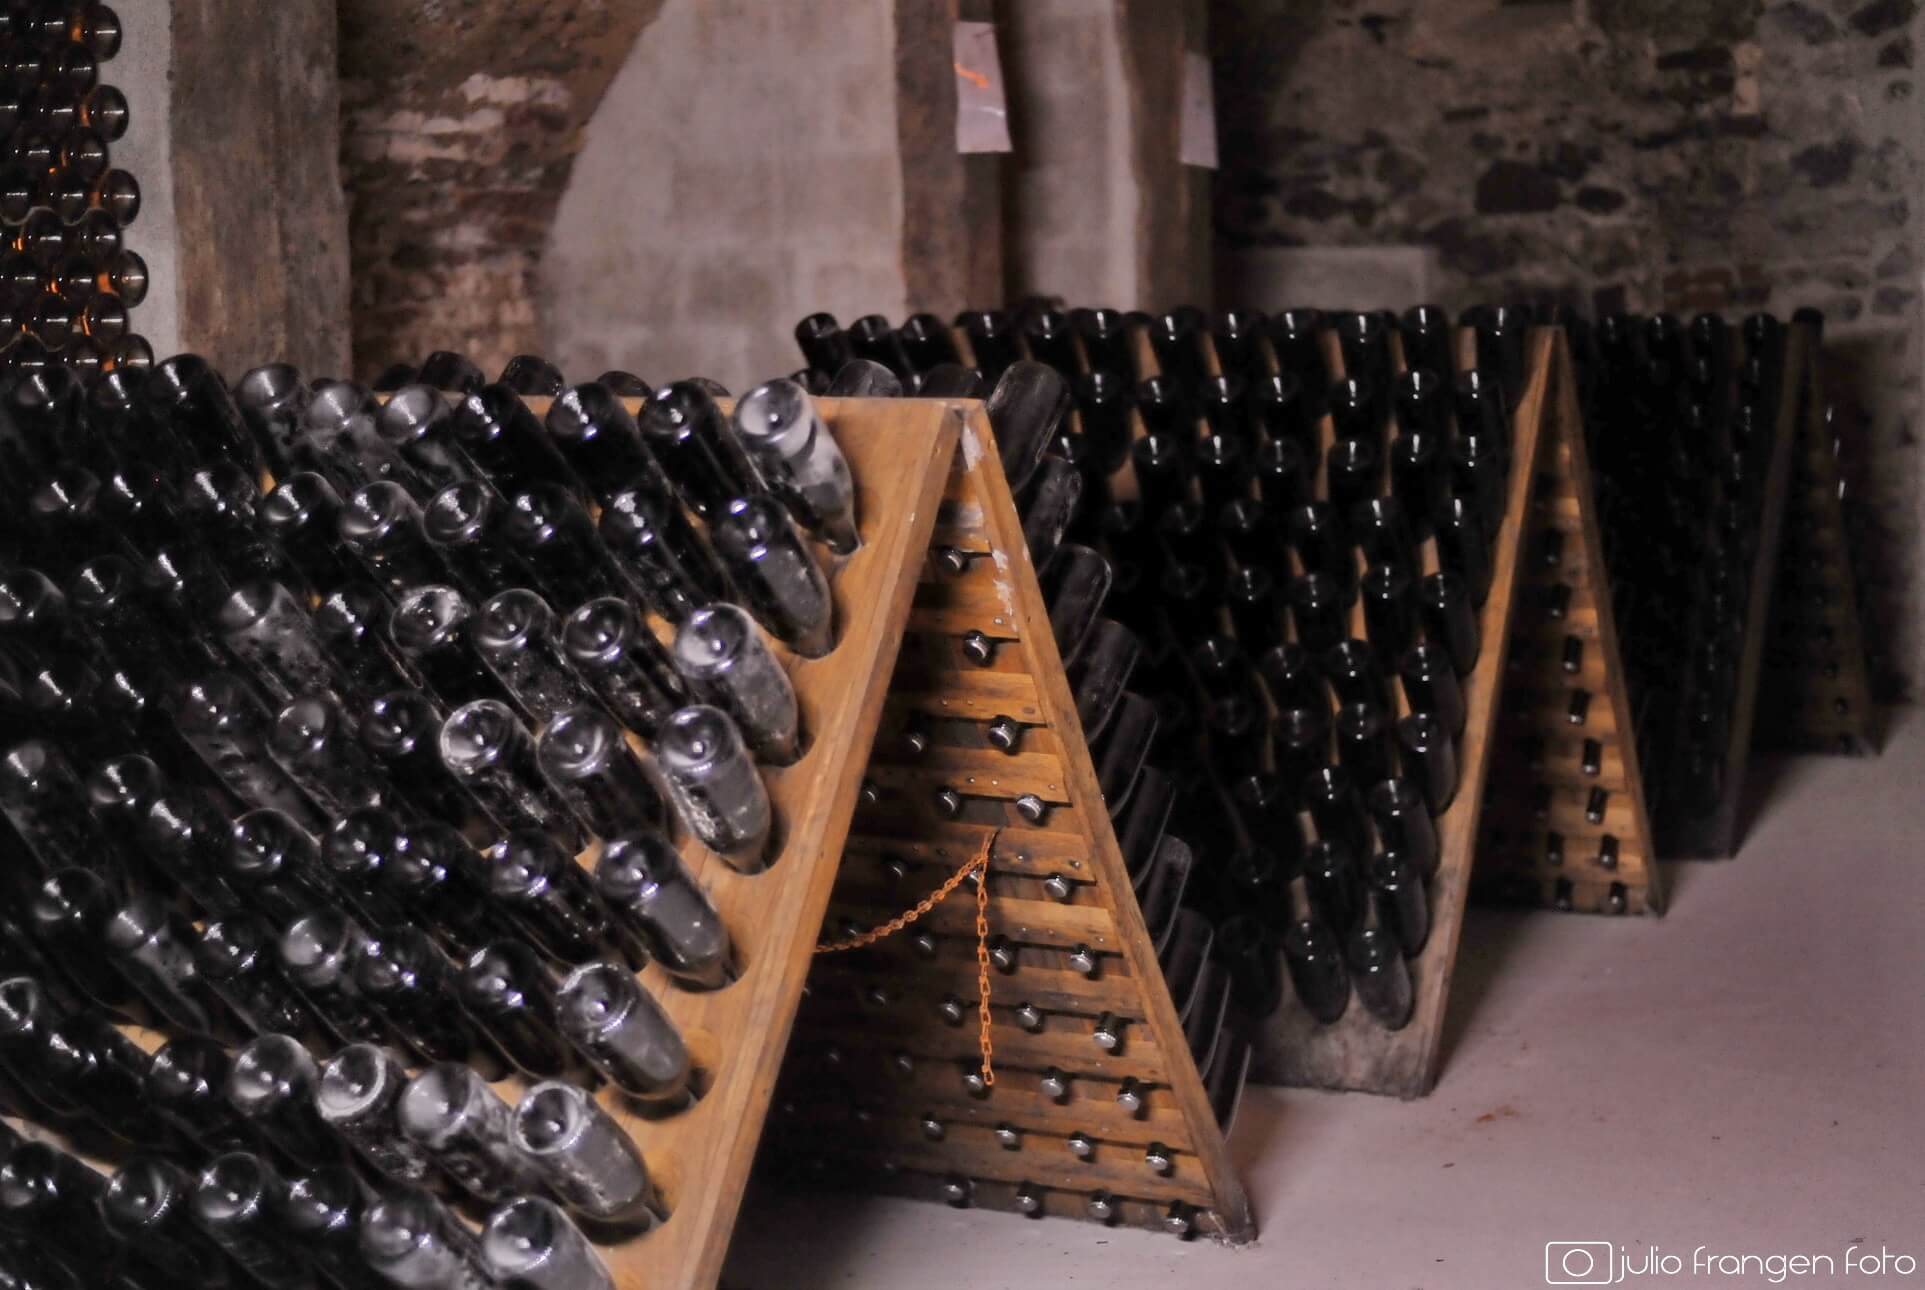 Le français et le vin: pupitre, n.m.